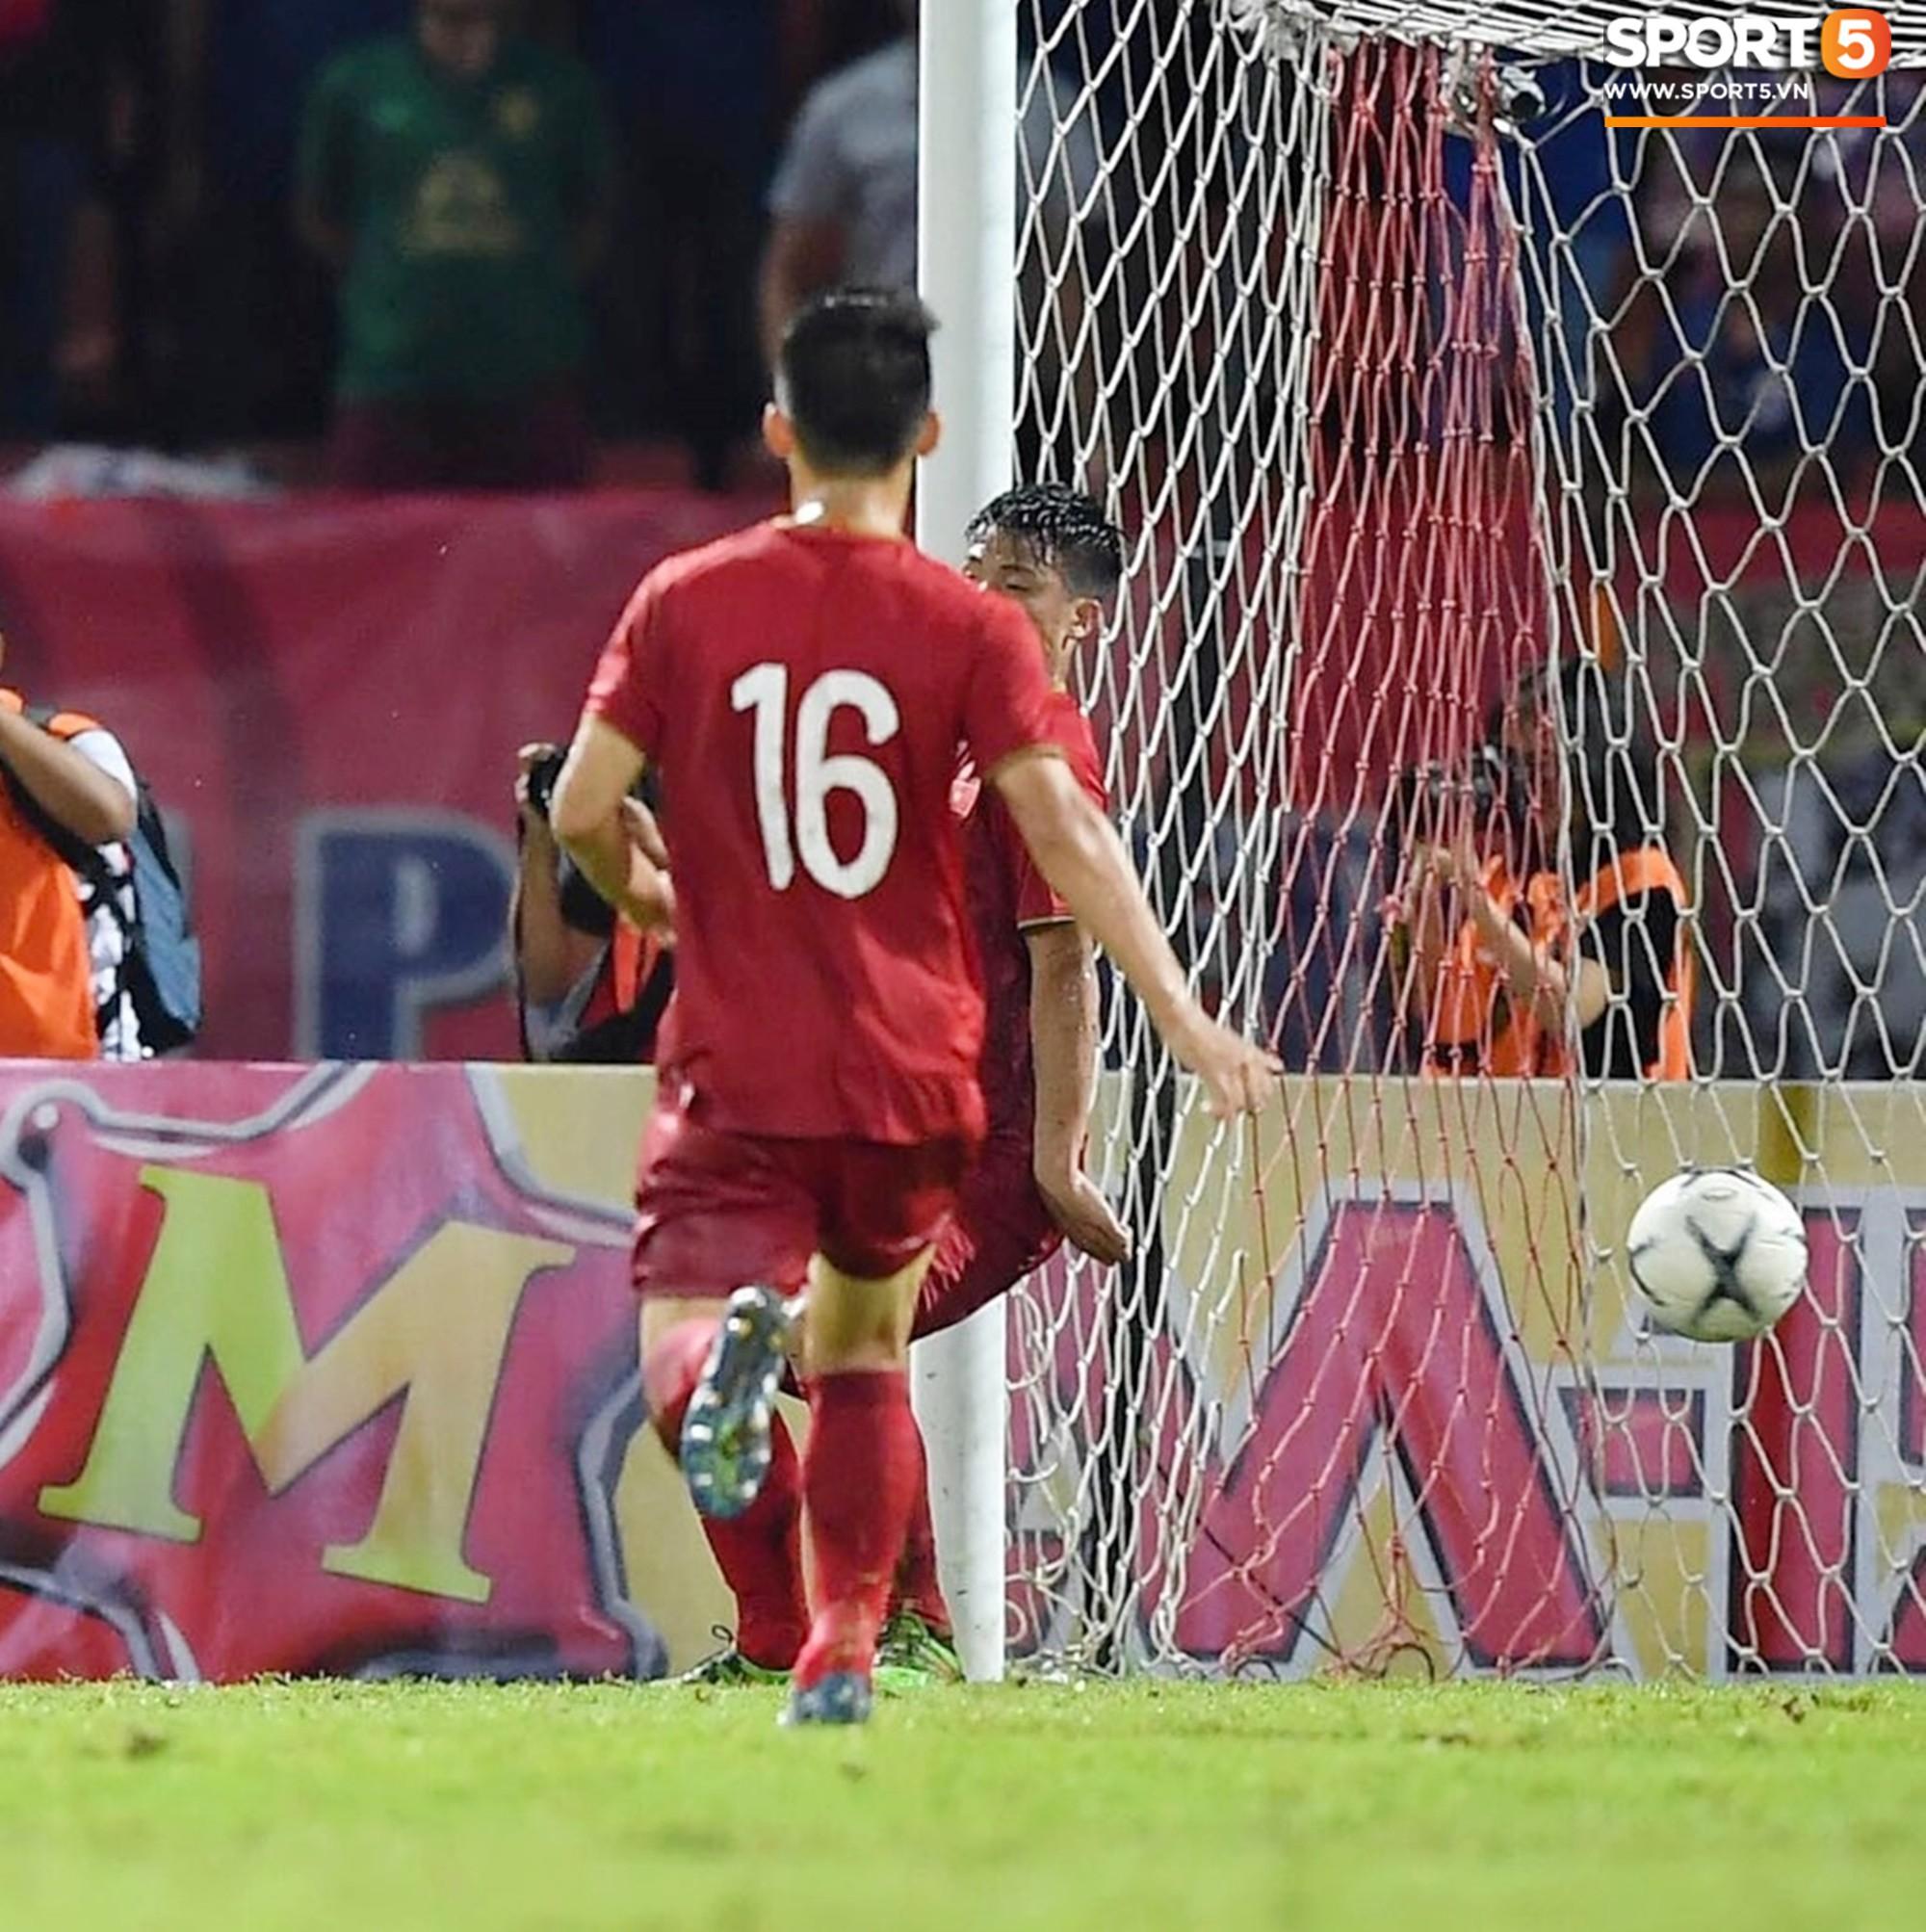 VZN News: Không phải thần may mắn, đây mới là người giúp Việt Nam có 1 điểm quý giá trước Thái Lan tại Vòng loại World Cup 2022 - Ảnh 6.